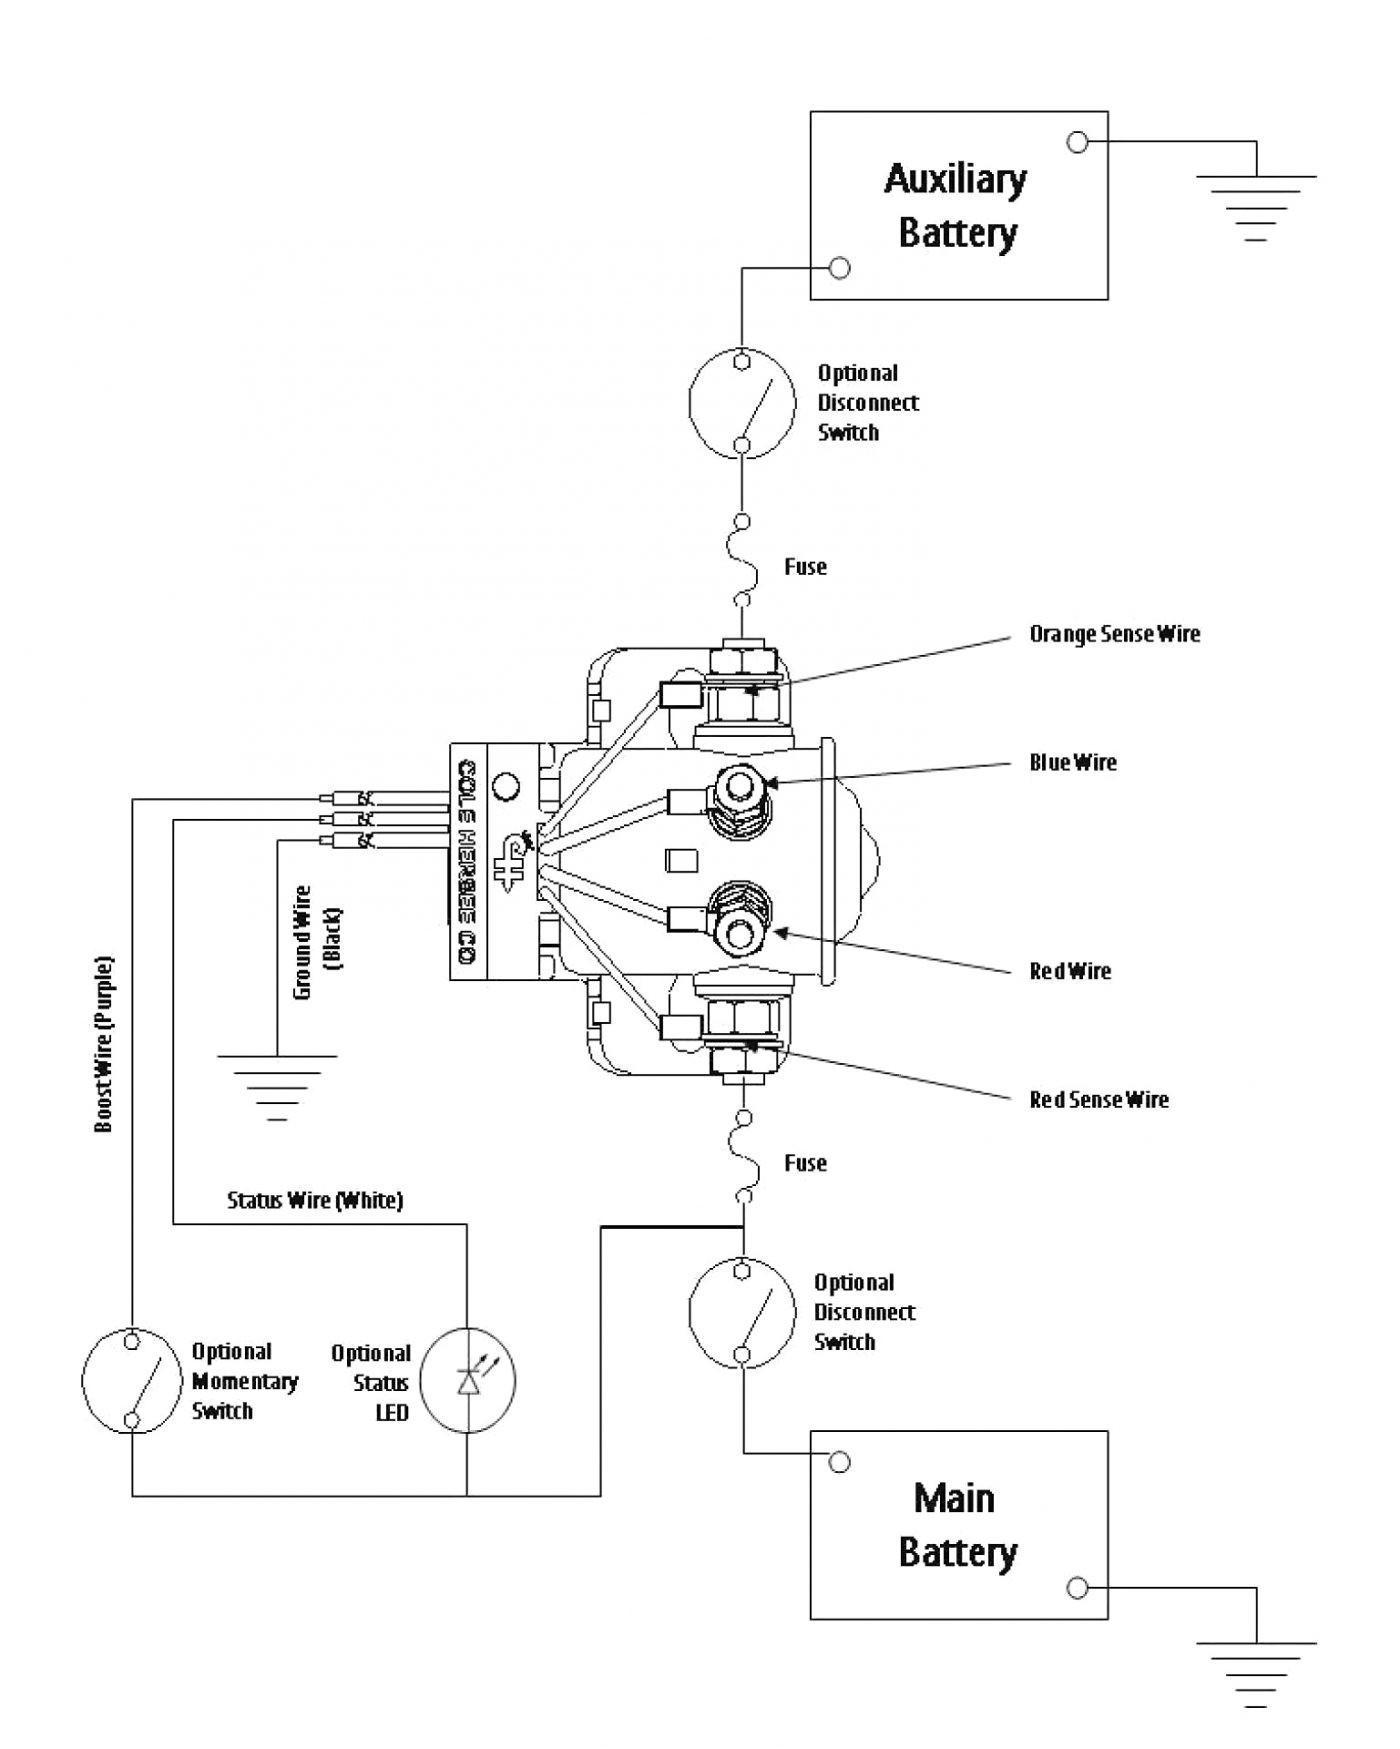 Bmw E46 Engine Diagram E36 Ignition Switch Wiring Diagram Refrence Bmw E46 Clutch Switch Of Bmw E46 Engine Diagram